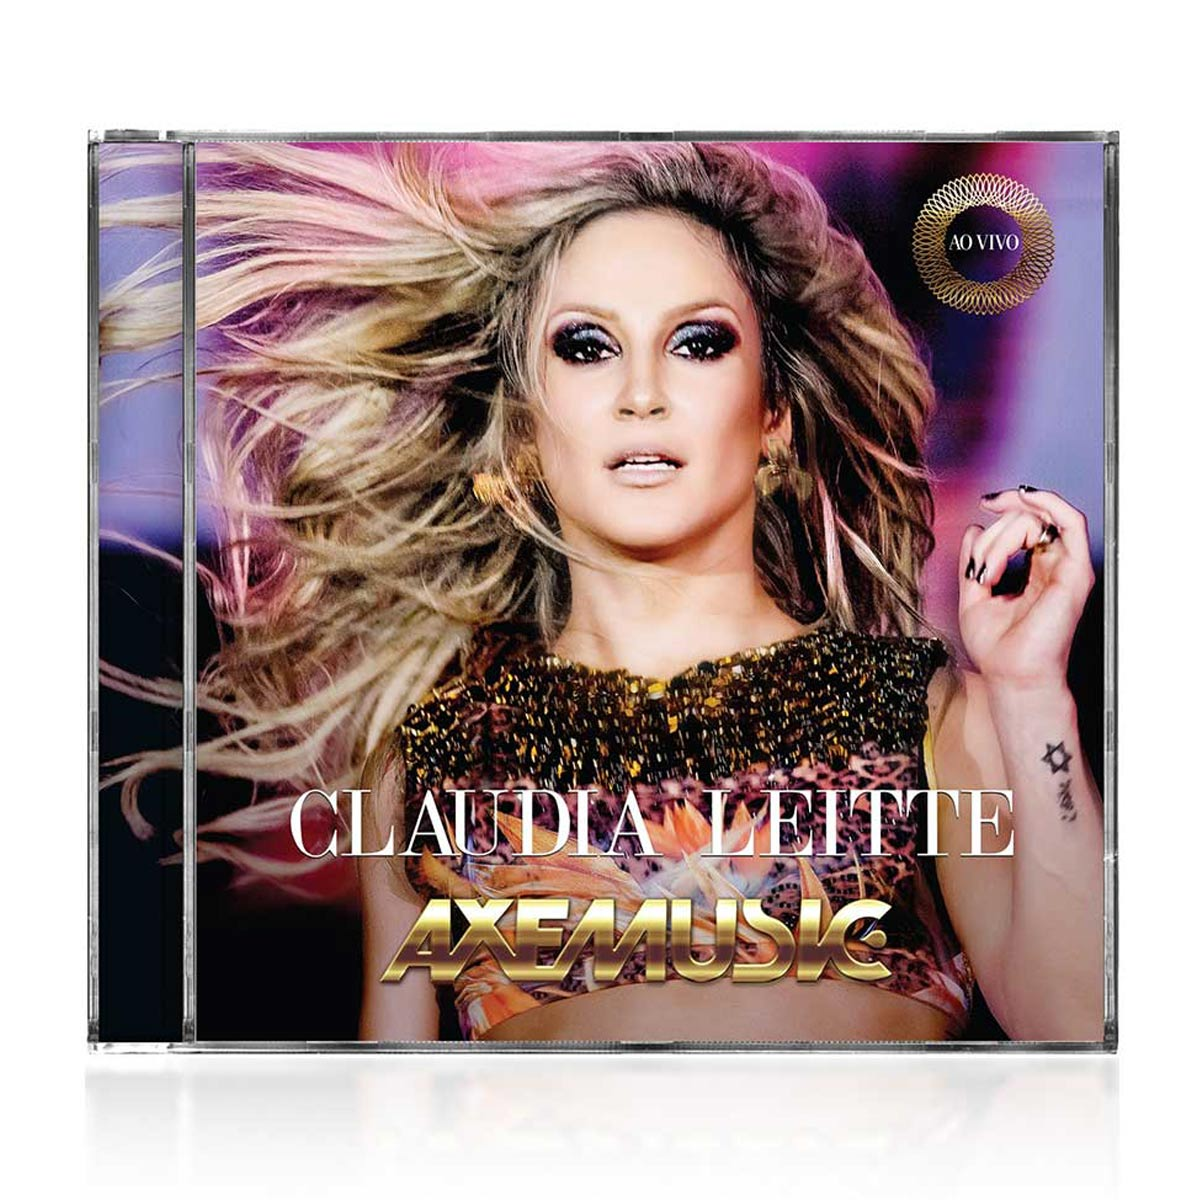 CD Claudia Leitte Axemusic Ao Vivo